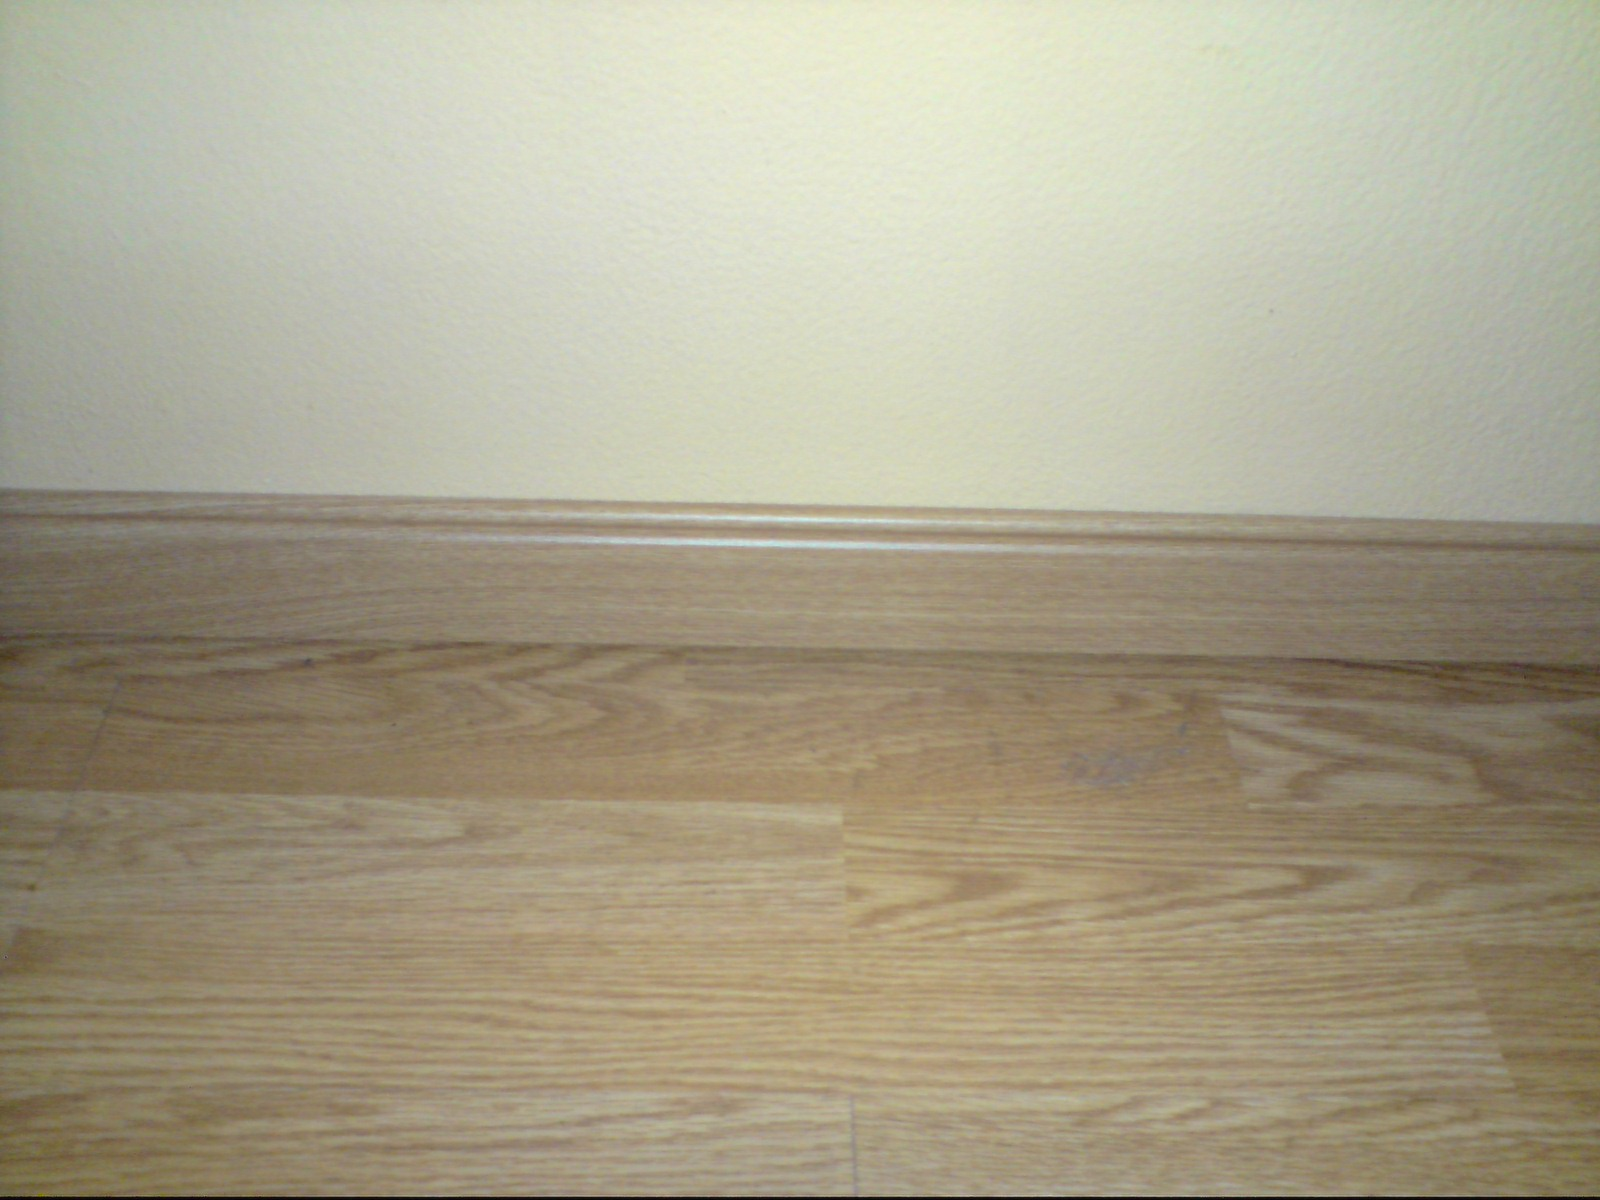 D arquitectura dise o construcci n zocalos for Zocalos de madera